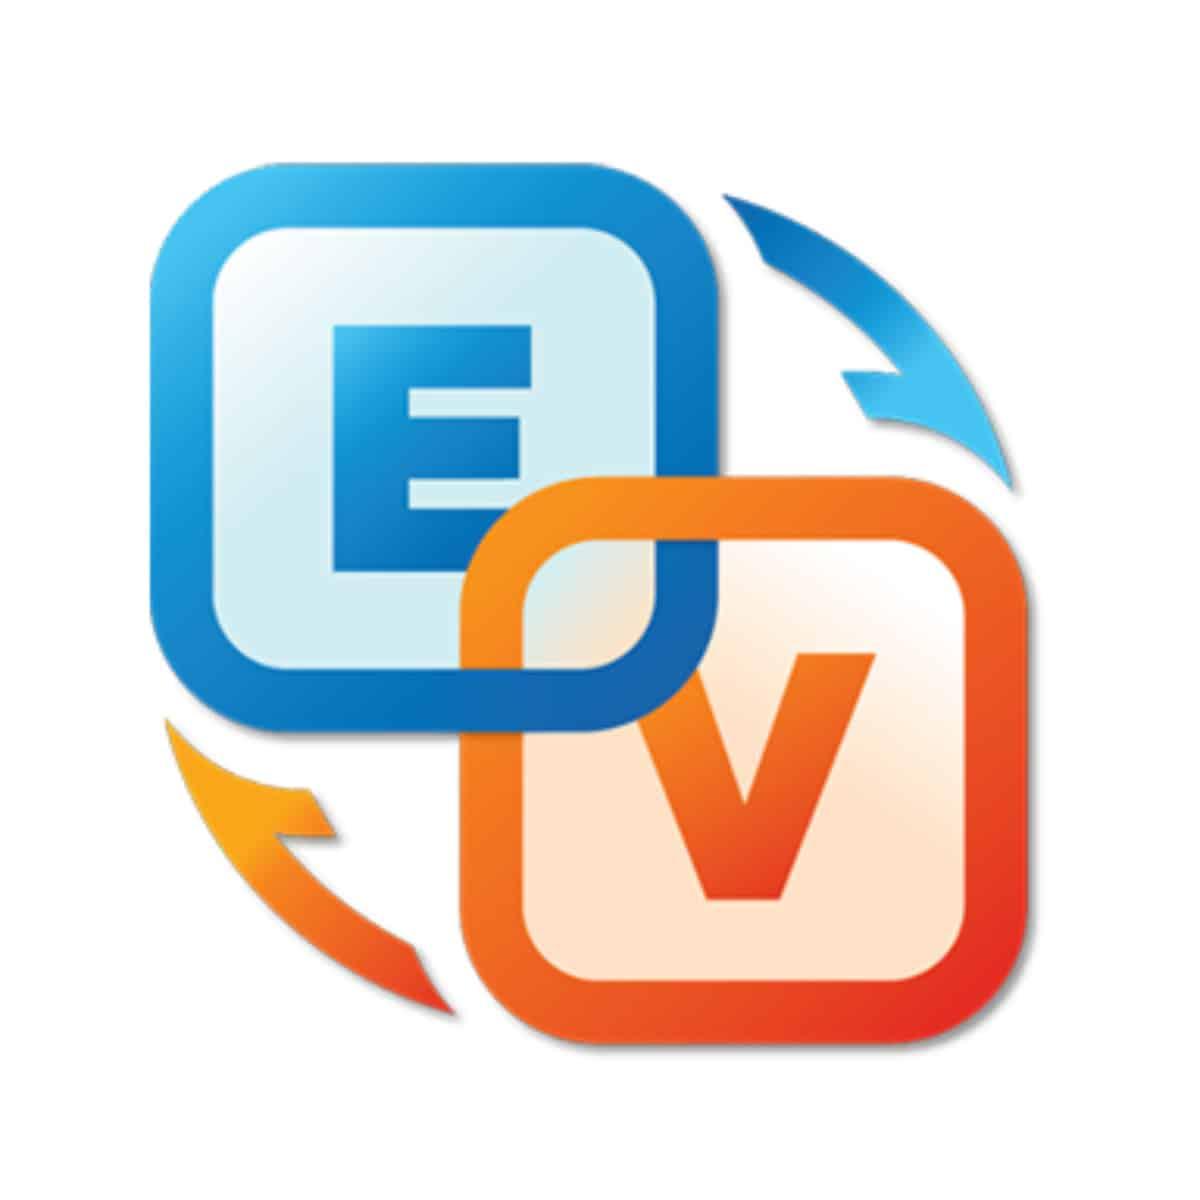 evkey-go-tieng-viet-ung-dung-co-ban-tren-macbook